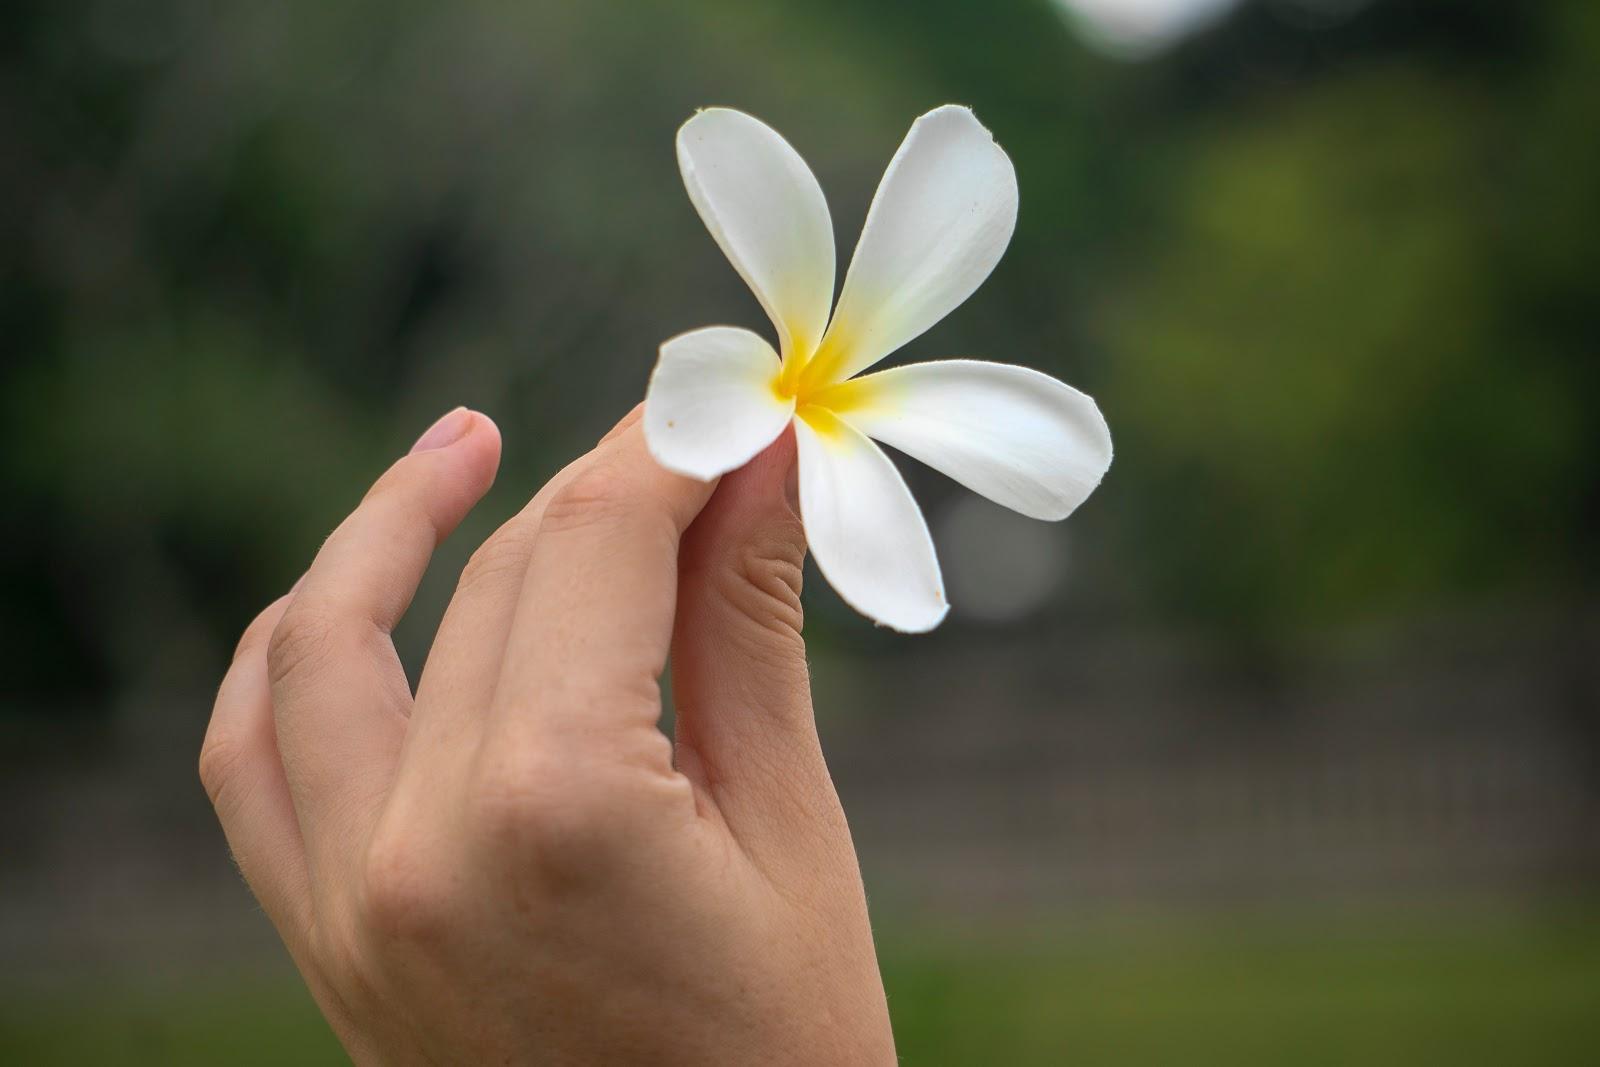 アジアの一輪の白くて美しい花を手に持っている